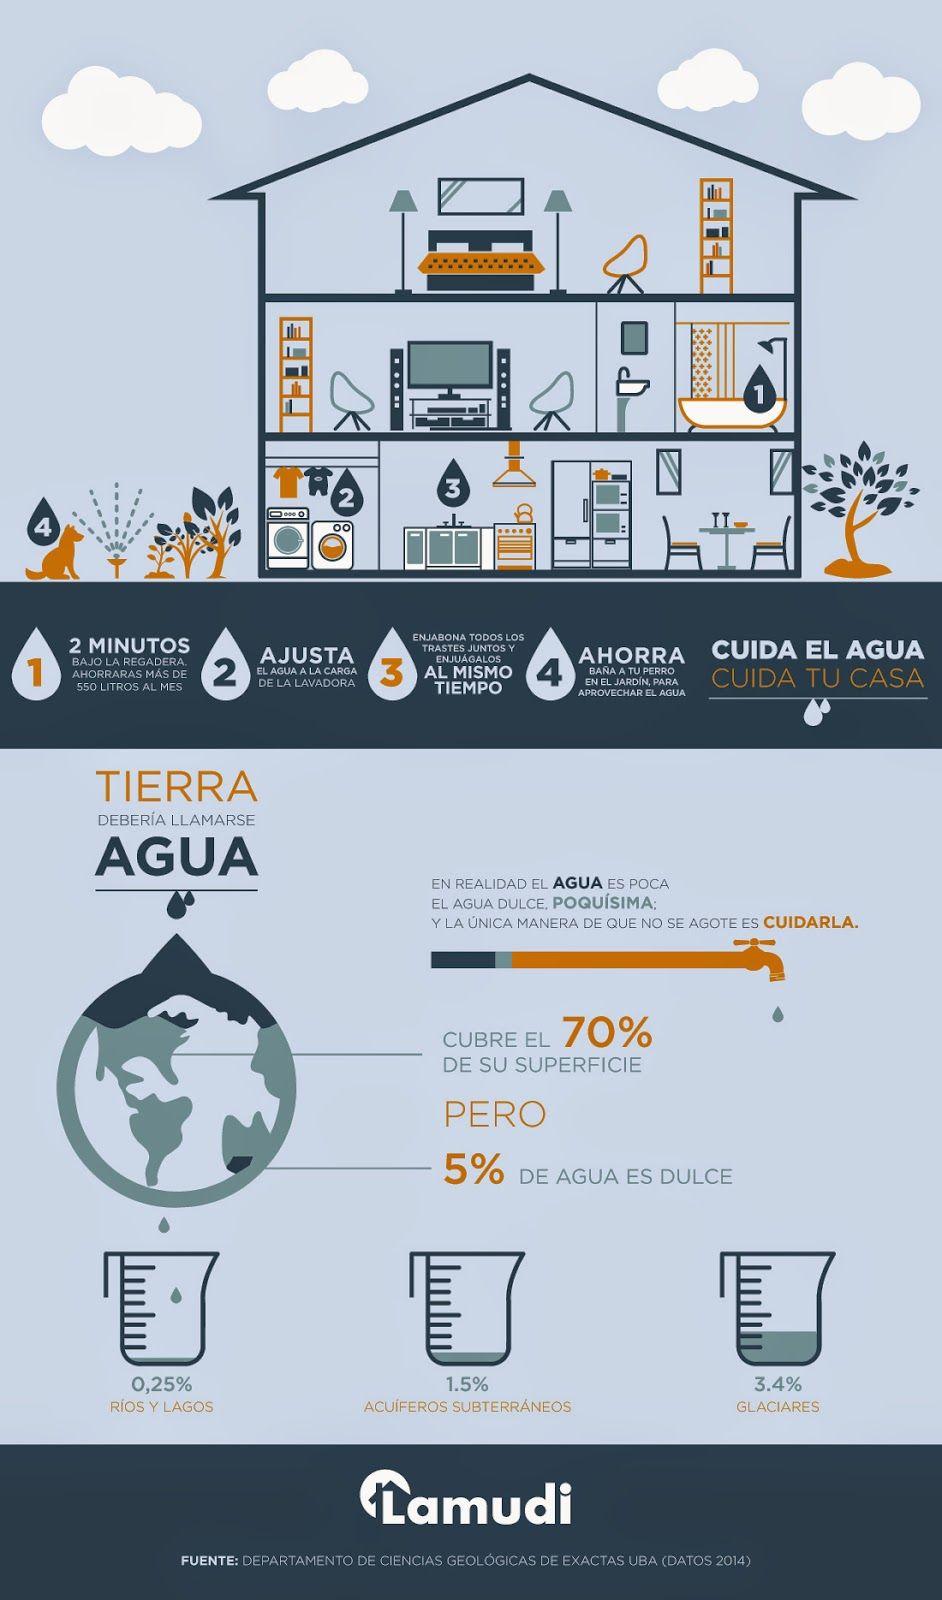 4 Pasos Para Cuidar El Agua En El Hogar Green Cuidar Los Tesoros